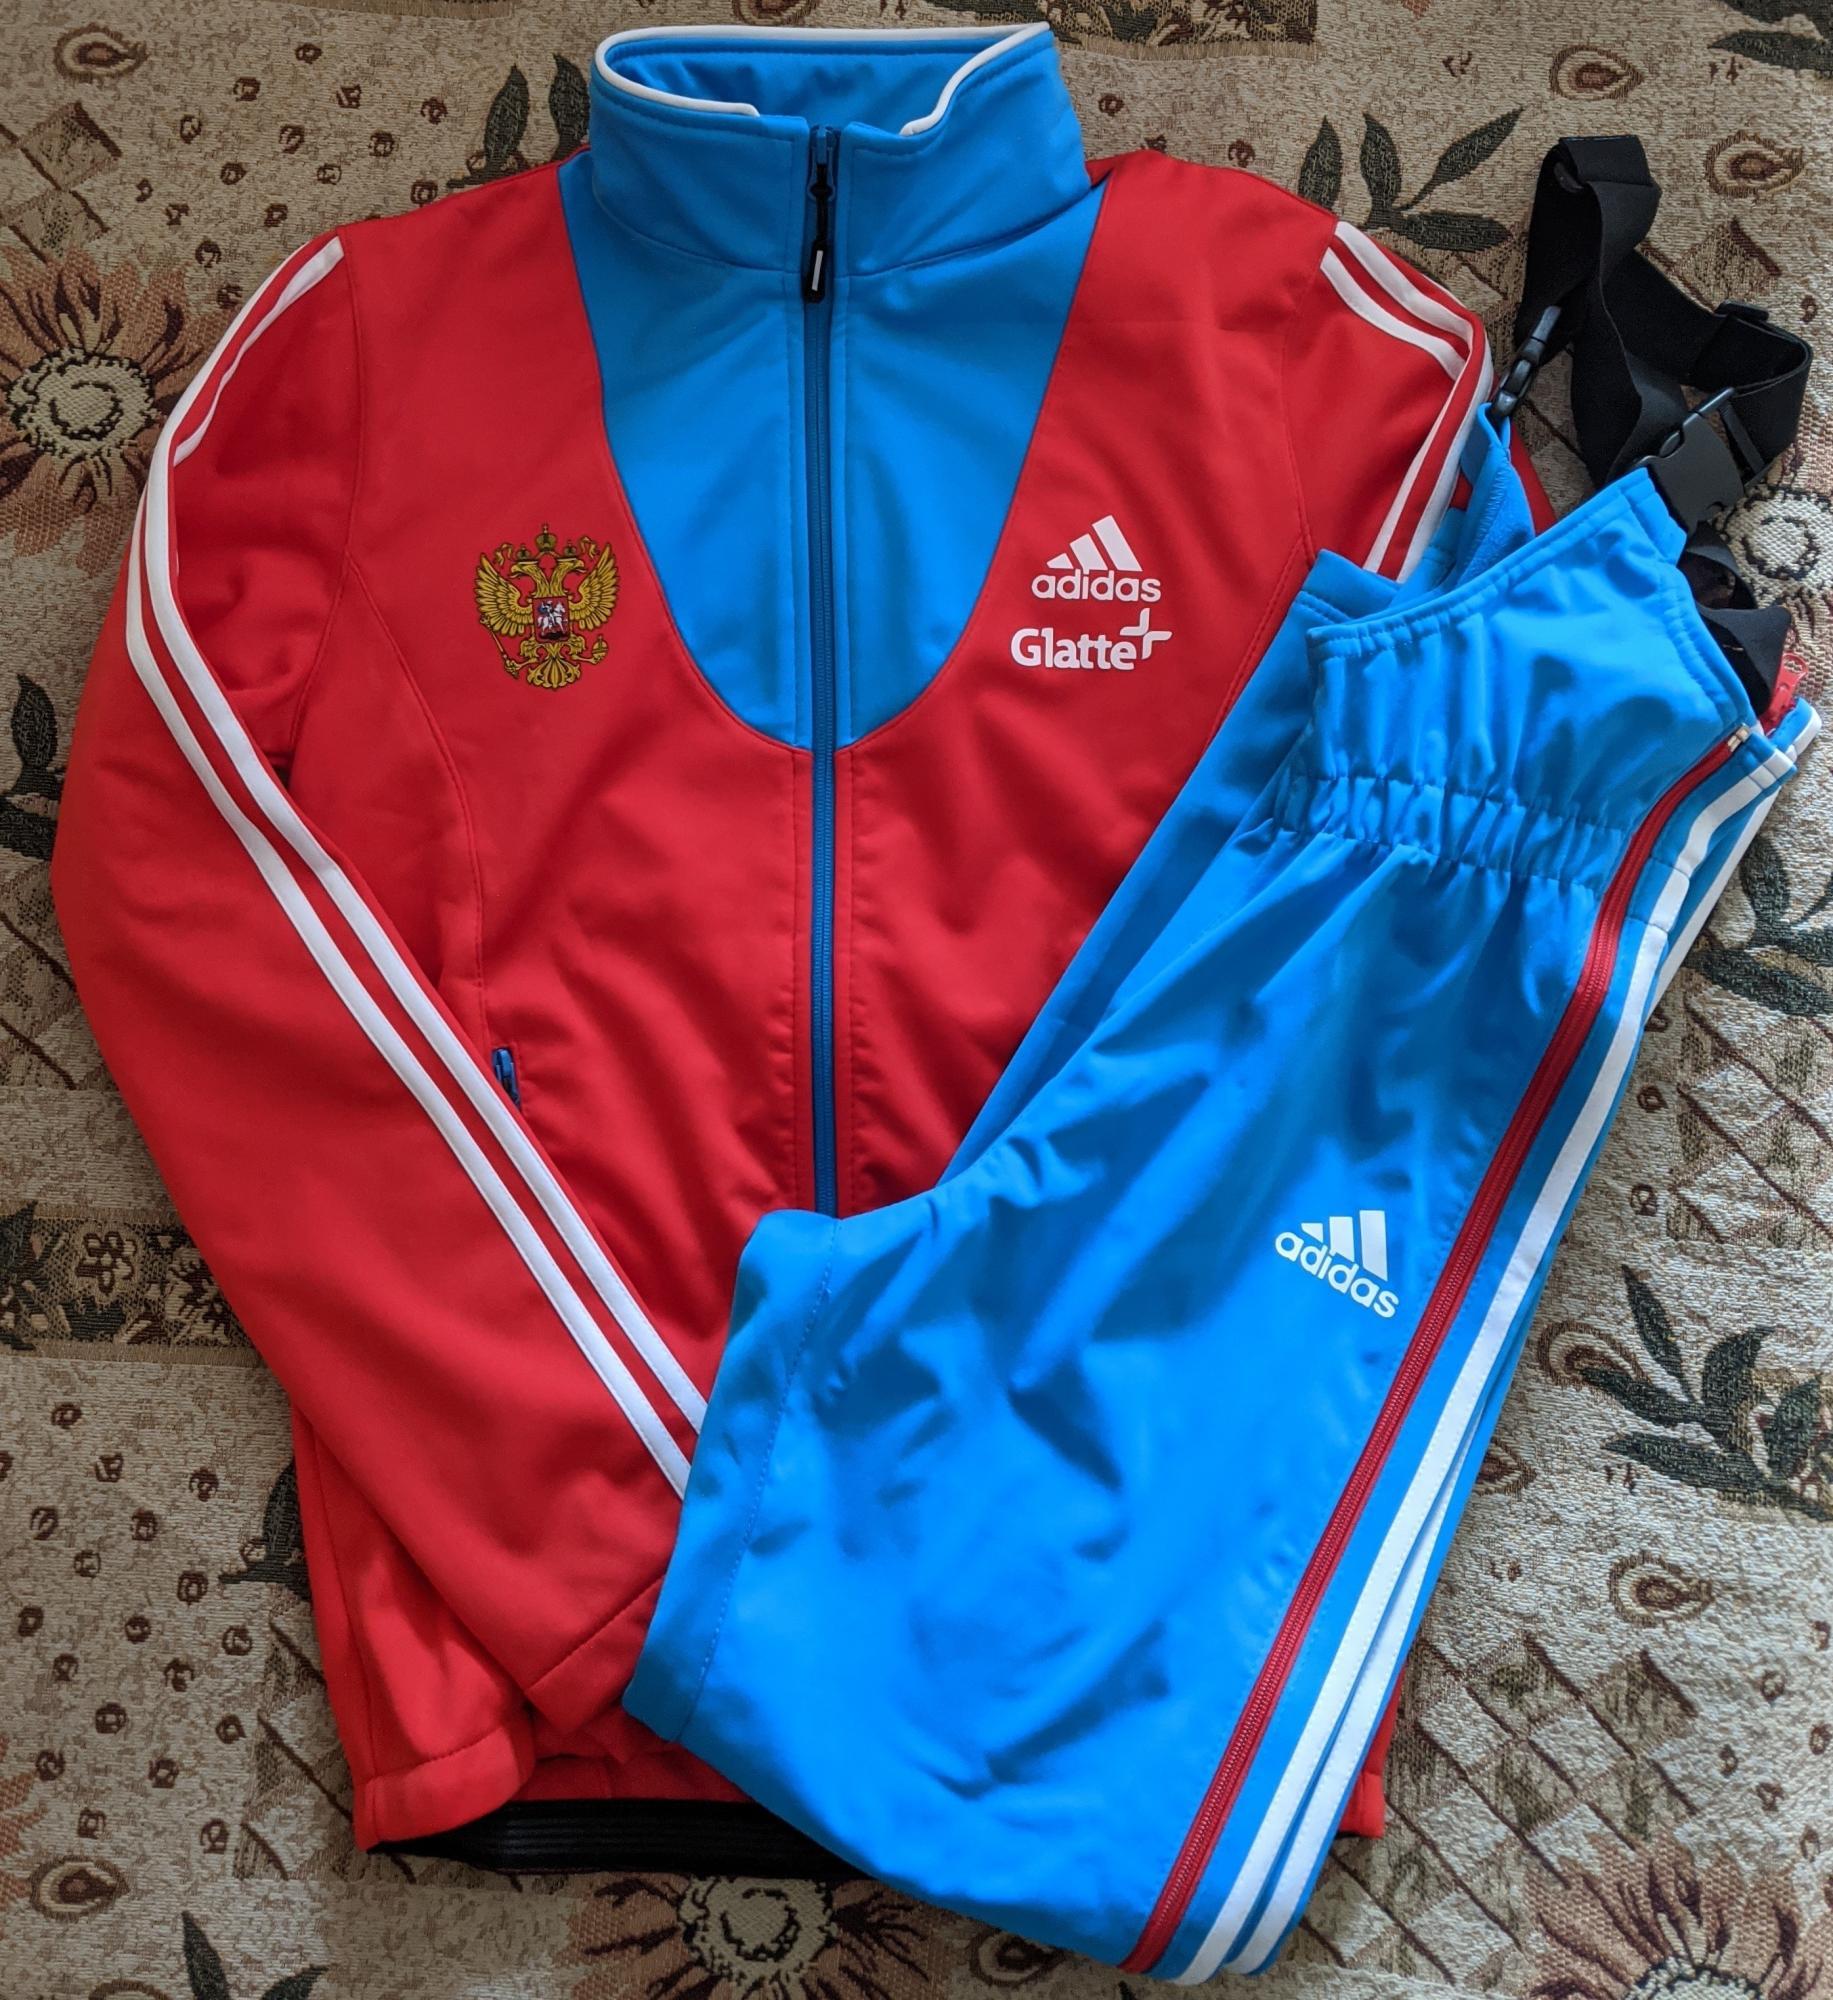 Новая лыжная разминка Adidas сборной России в Москве купить 1